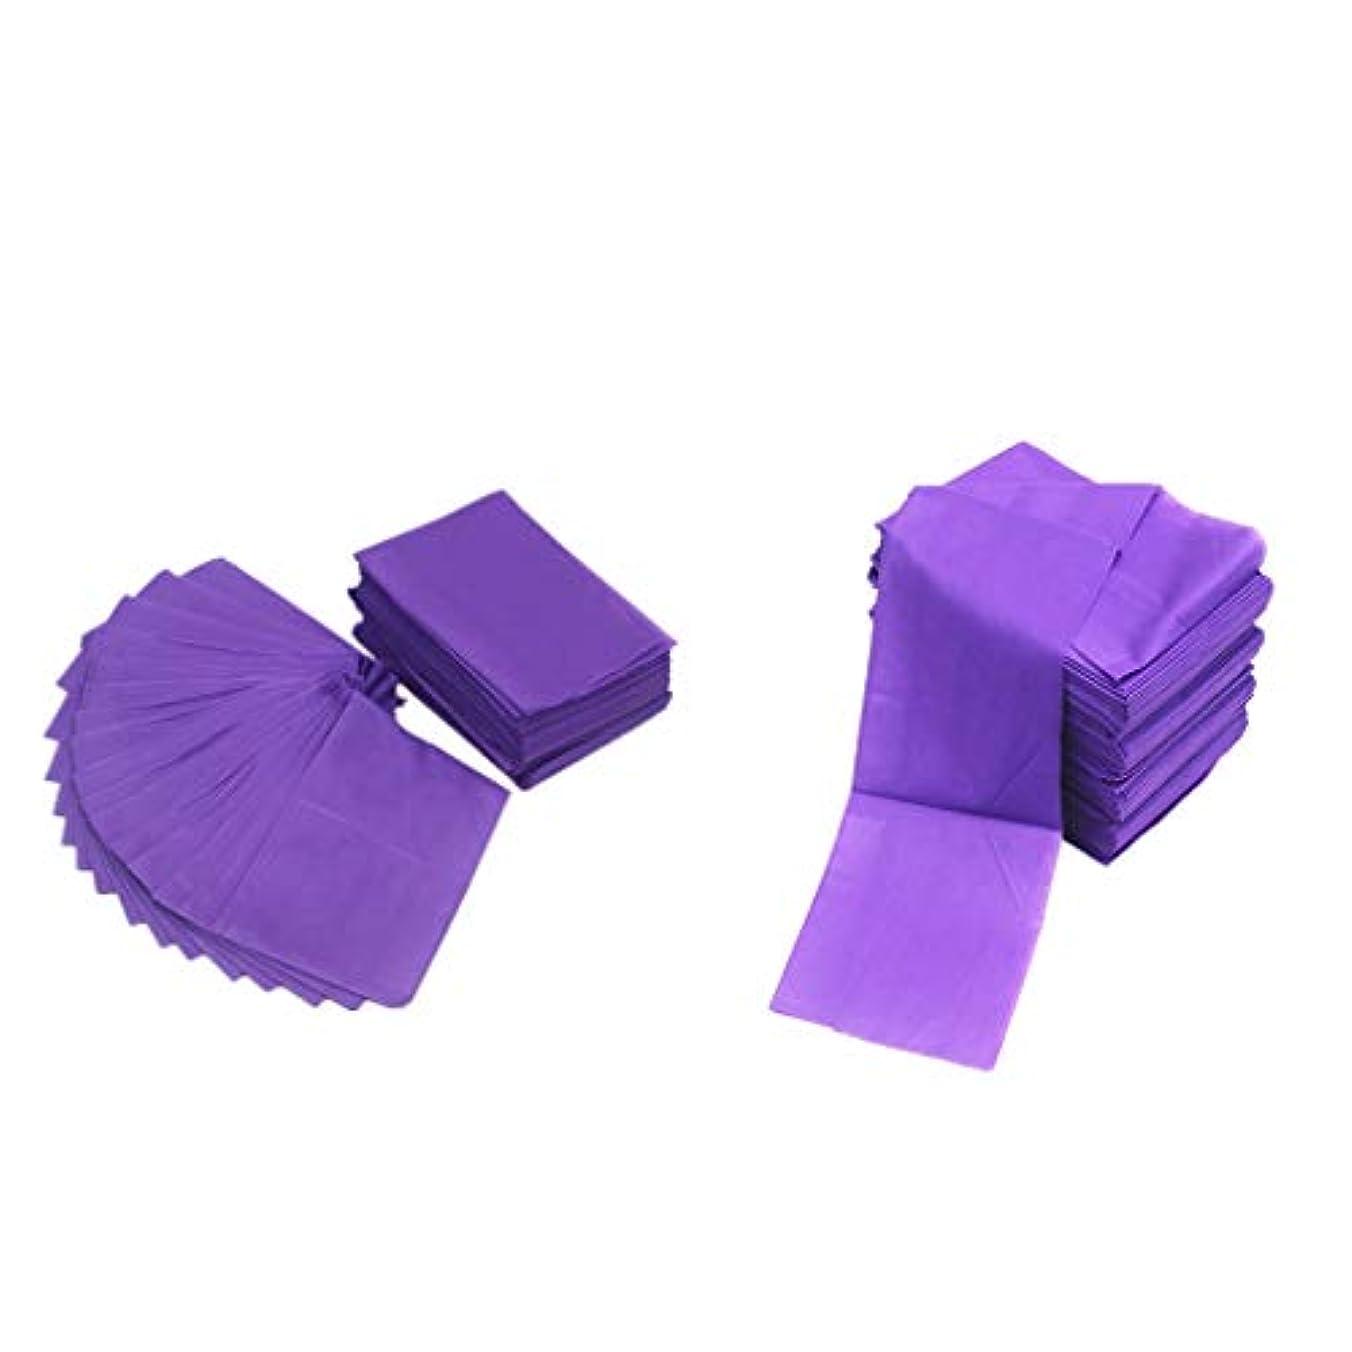 追加ロデオつぶやき20ピースセット ベッドシーツ 使い捨て ベットシート 厚さ ビューティーサロン マッサージサロン